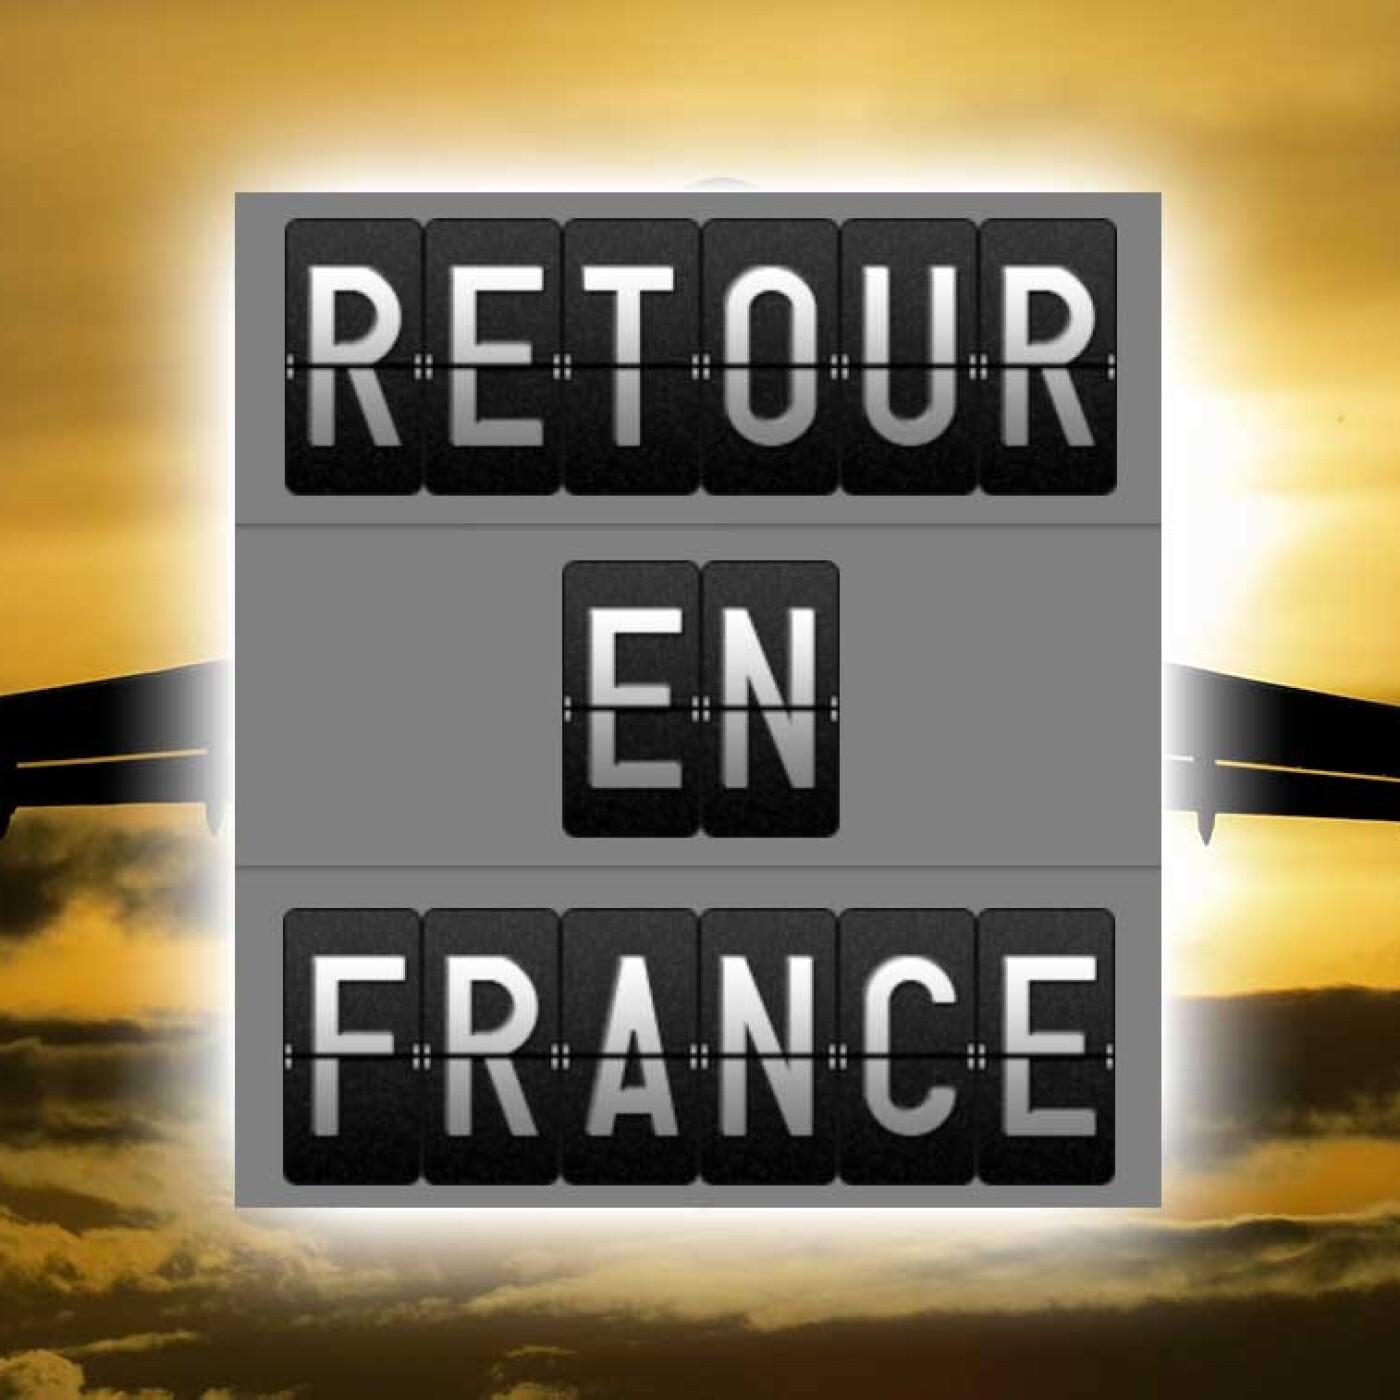 Voyage emploi et retour en France - Partir 02 03 - StereoChic Radio